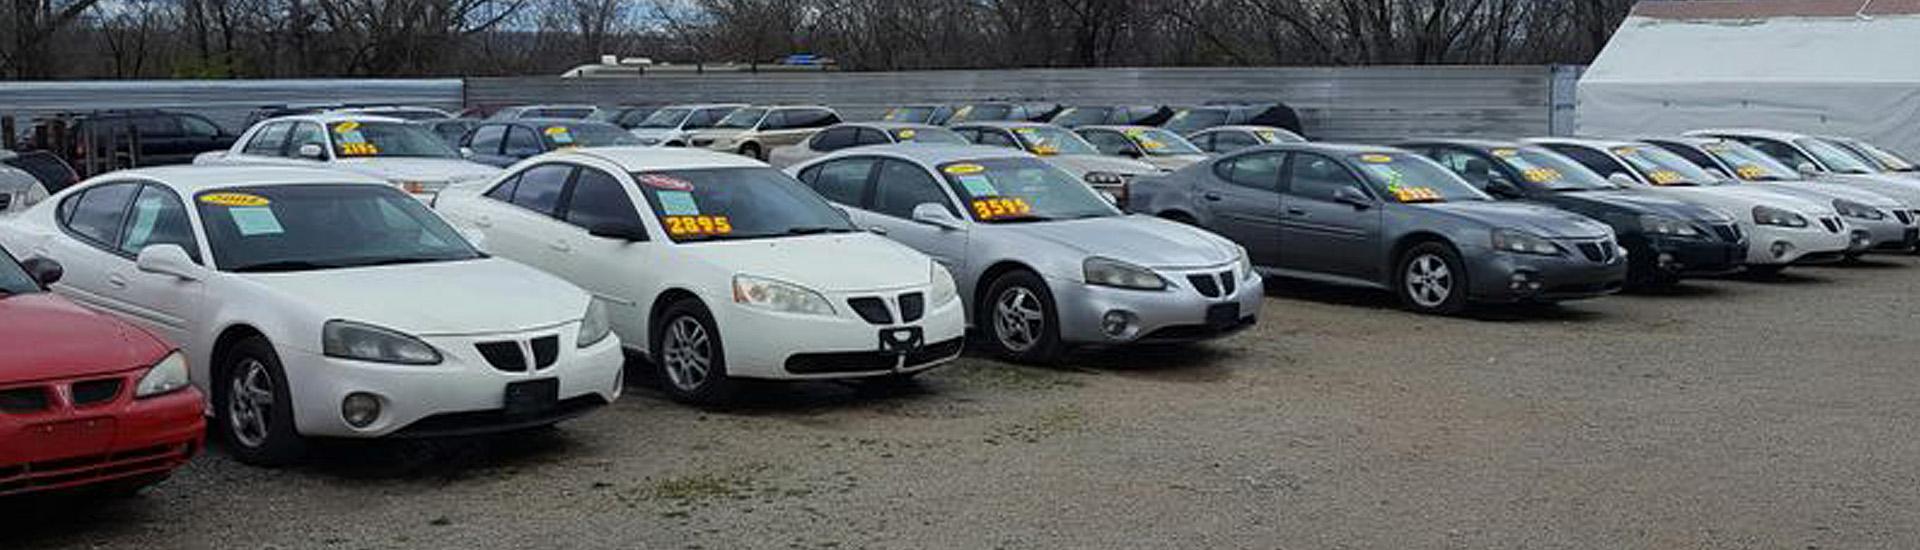 Adams Auto Sales >> Adams Auto Sales Kansas City Mo